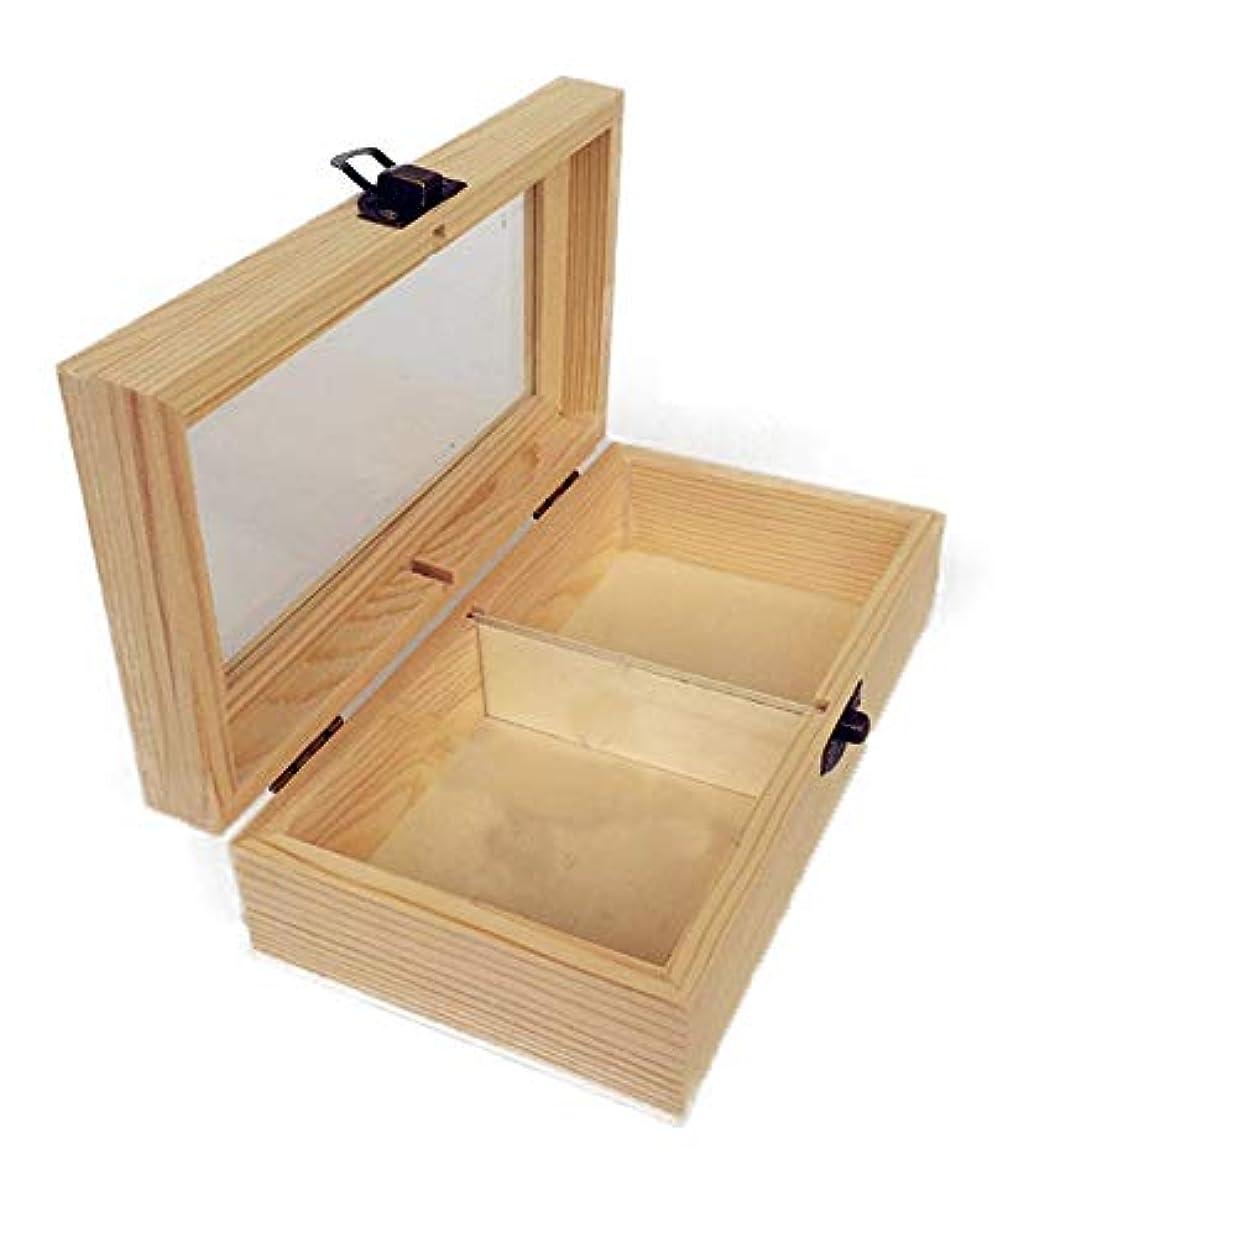 解釈直感ニュースエッセンシャルオイルストレージボックス プレゼンテーションのために手作りの木製ギフトボックスパーフェクトエッセンシャルオイルケースにエッセンシャルオイルは、被害太陽光からあなたの油を保護します 旅行およびプレゼンテーション...